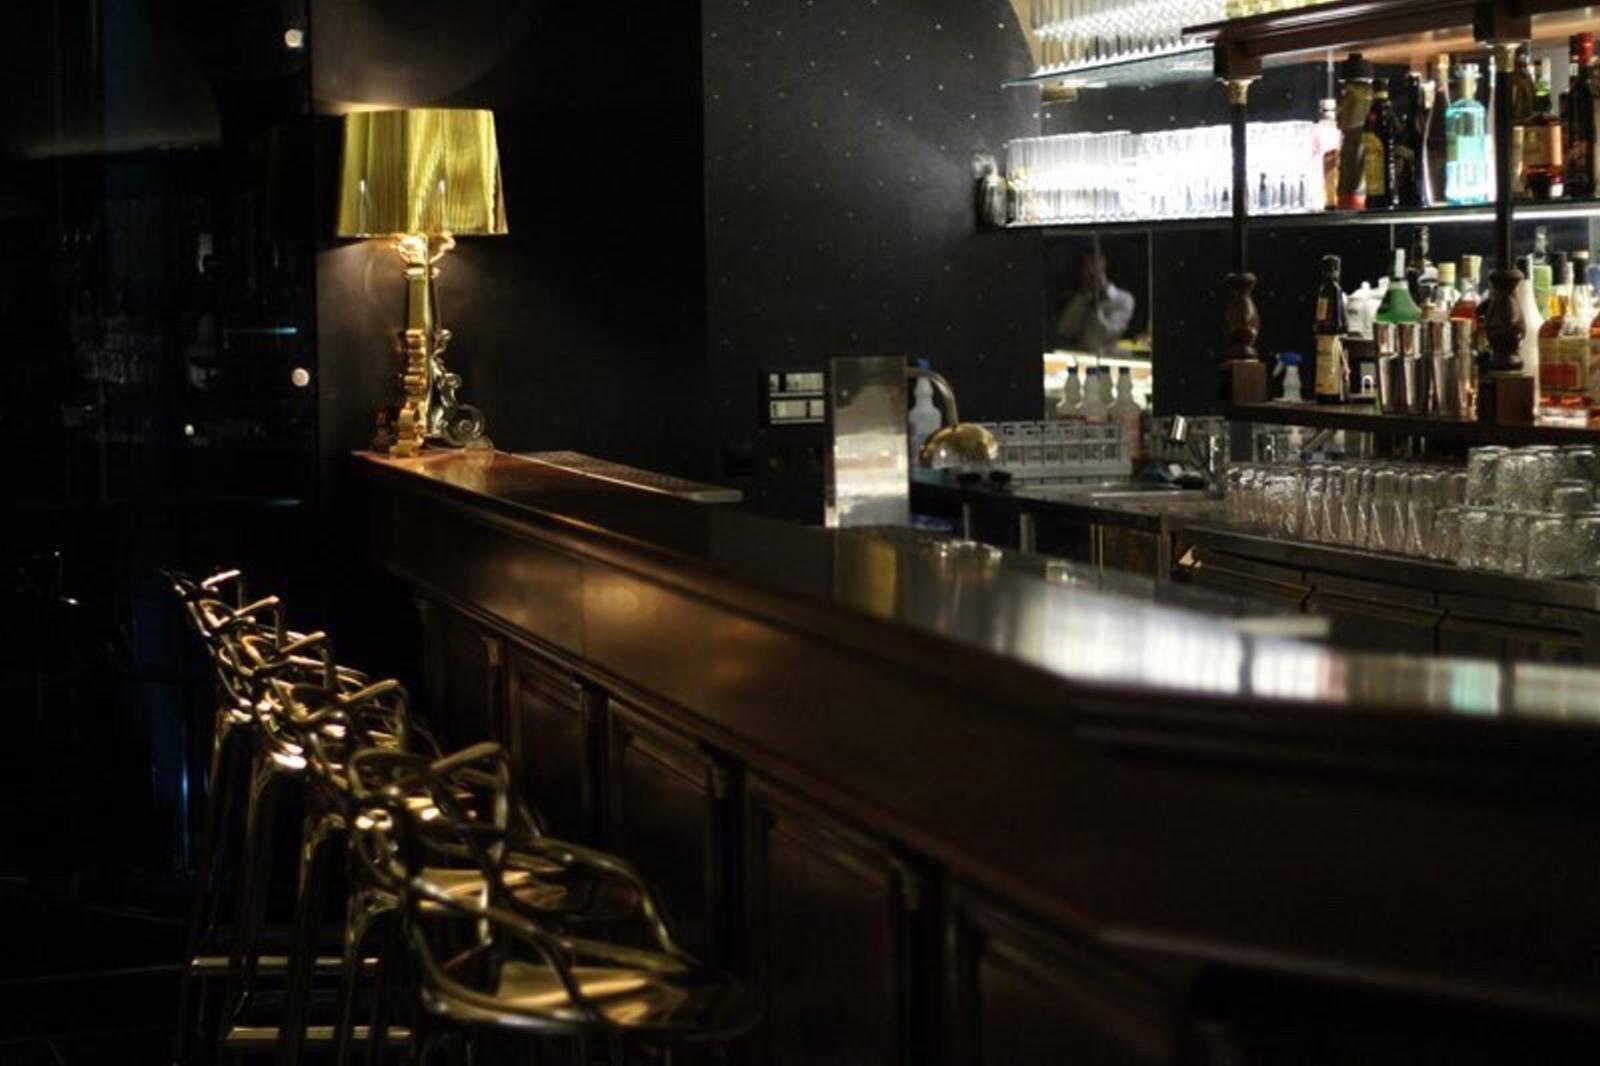 Baristákat és Bartendereket keres Szombathelyen a Bel Mondo Club